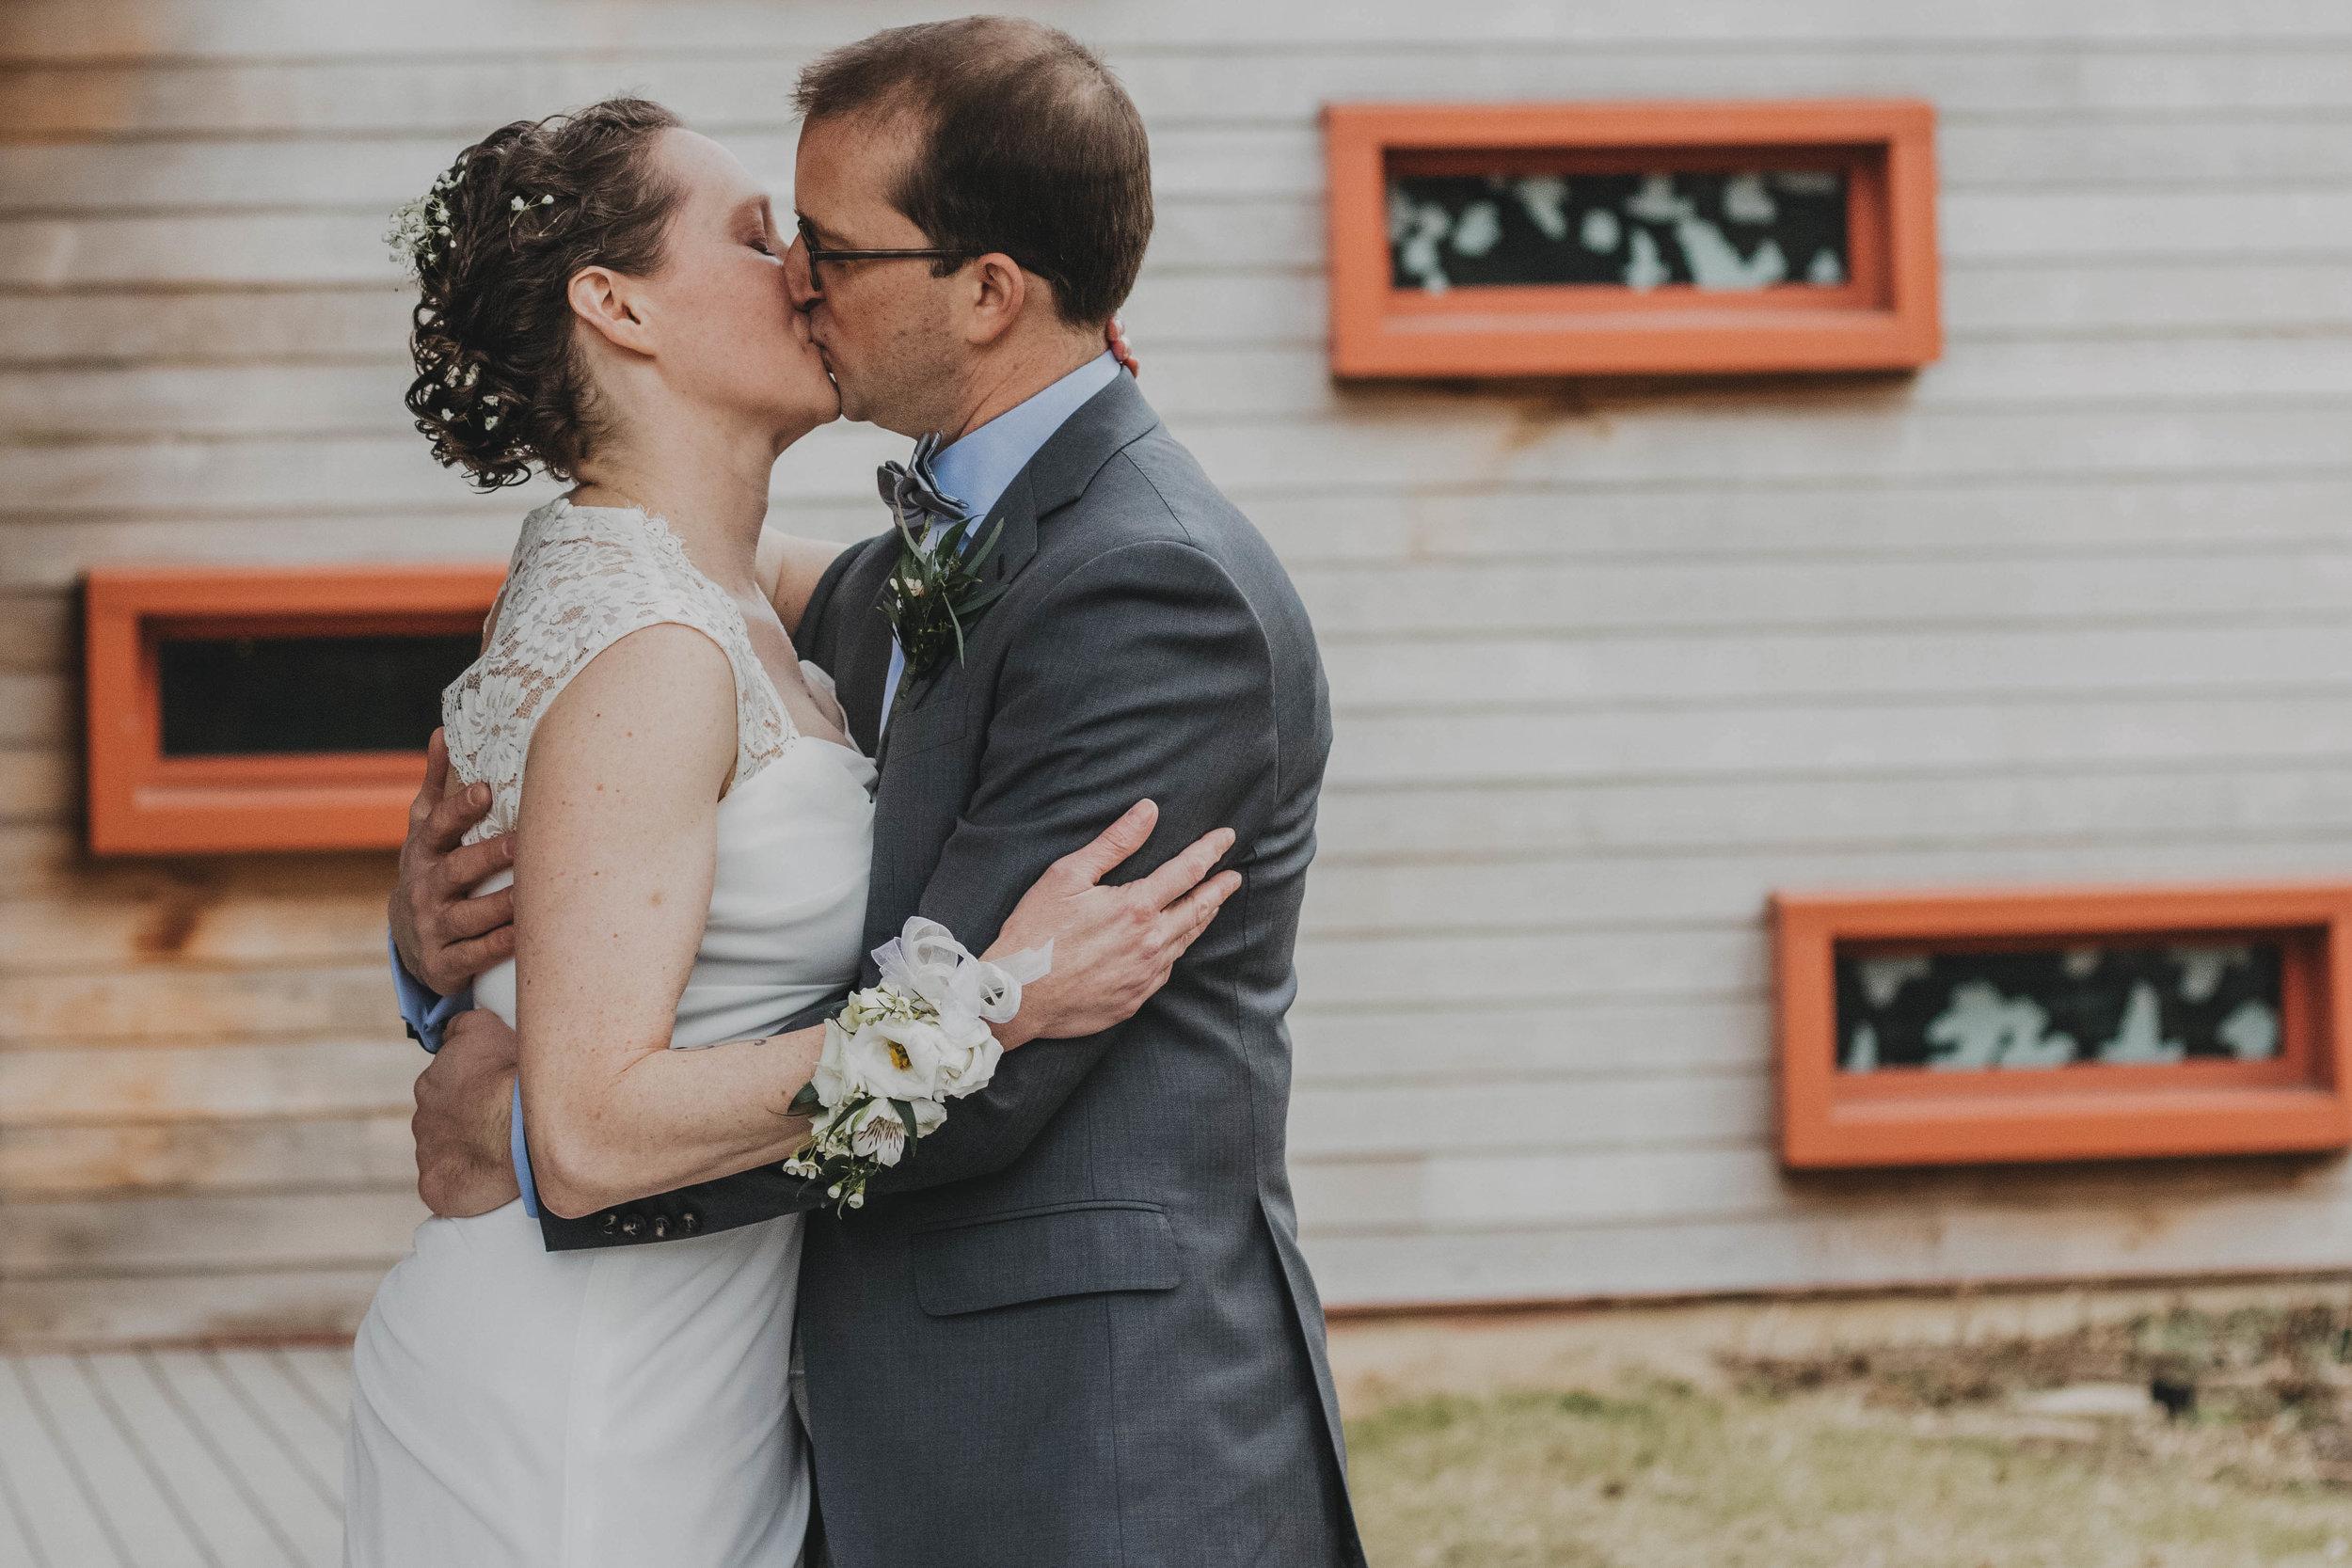 Grange Insurance Audubon Center Wedding | Columbus, Ohio Wedding Photographer